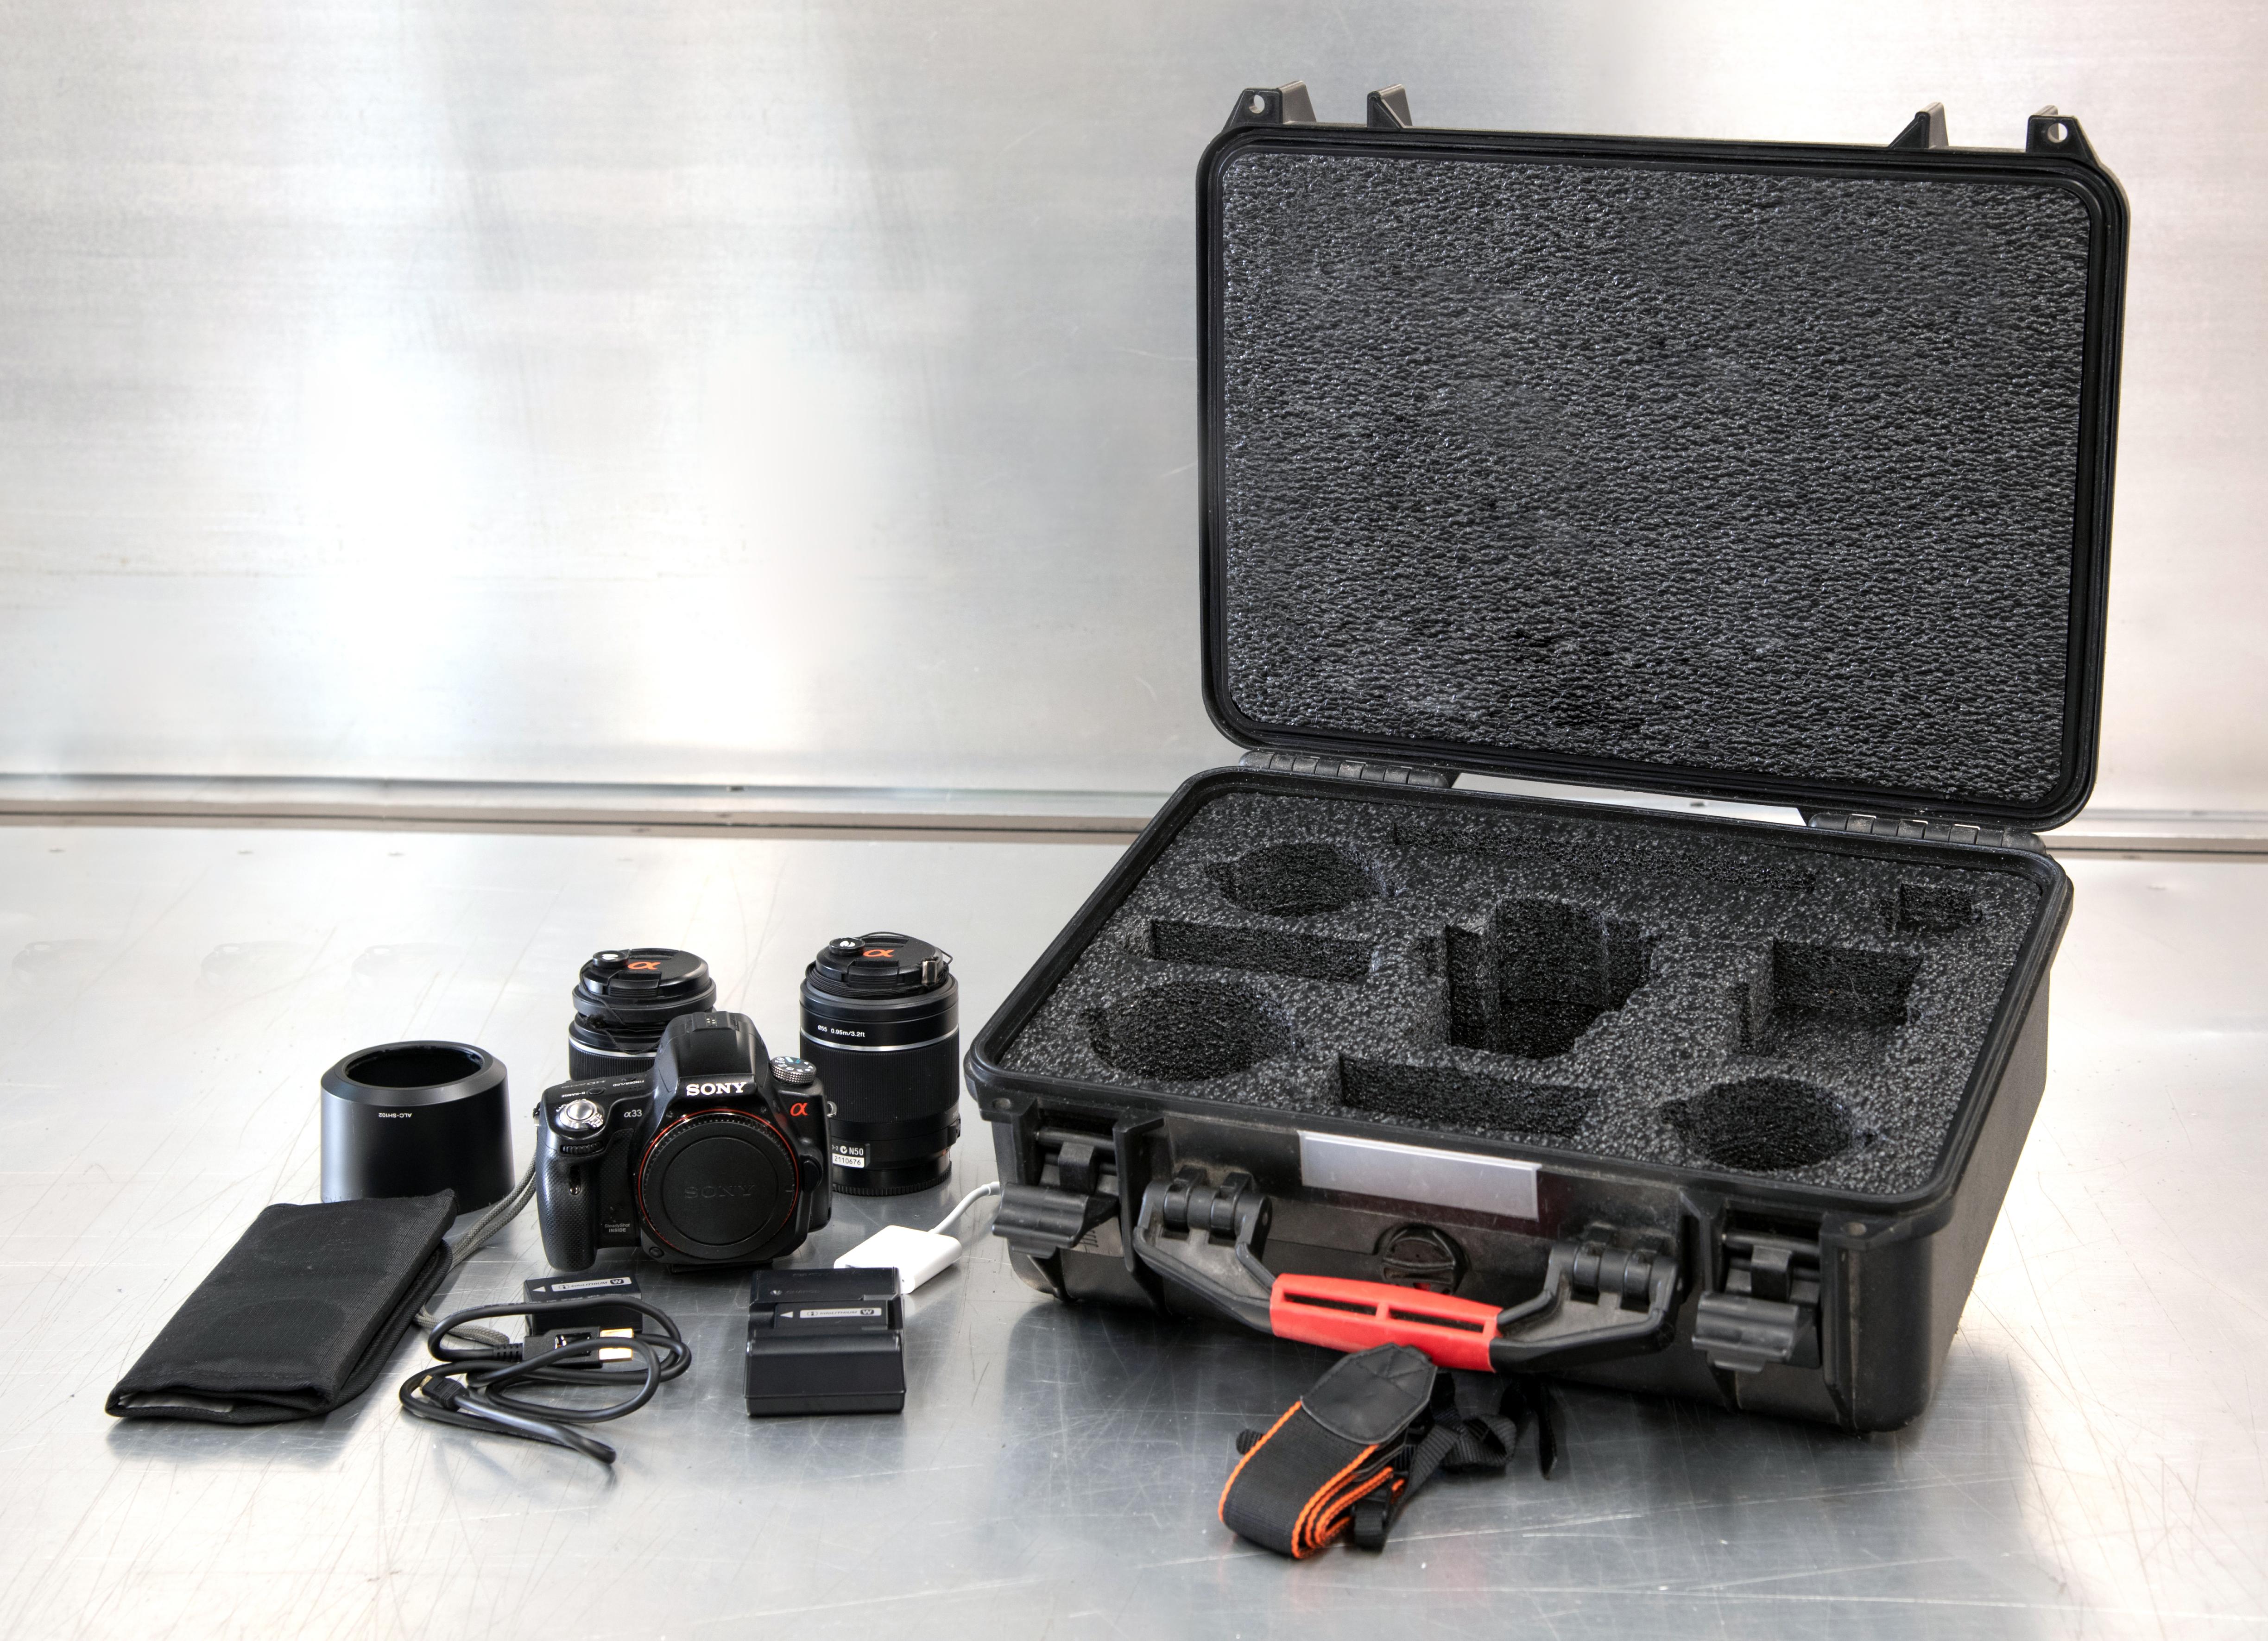 Custom Foam Insert for Camera Equipment by FUSH Cases